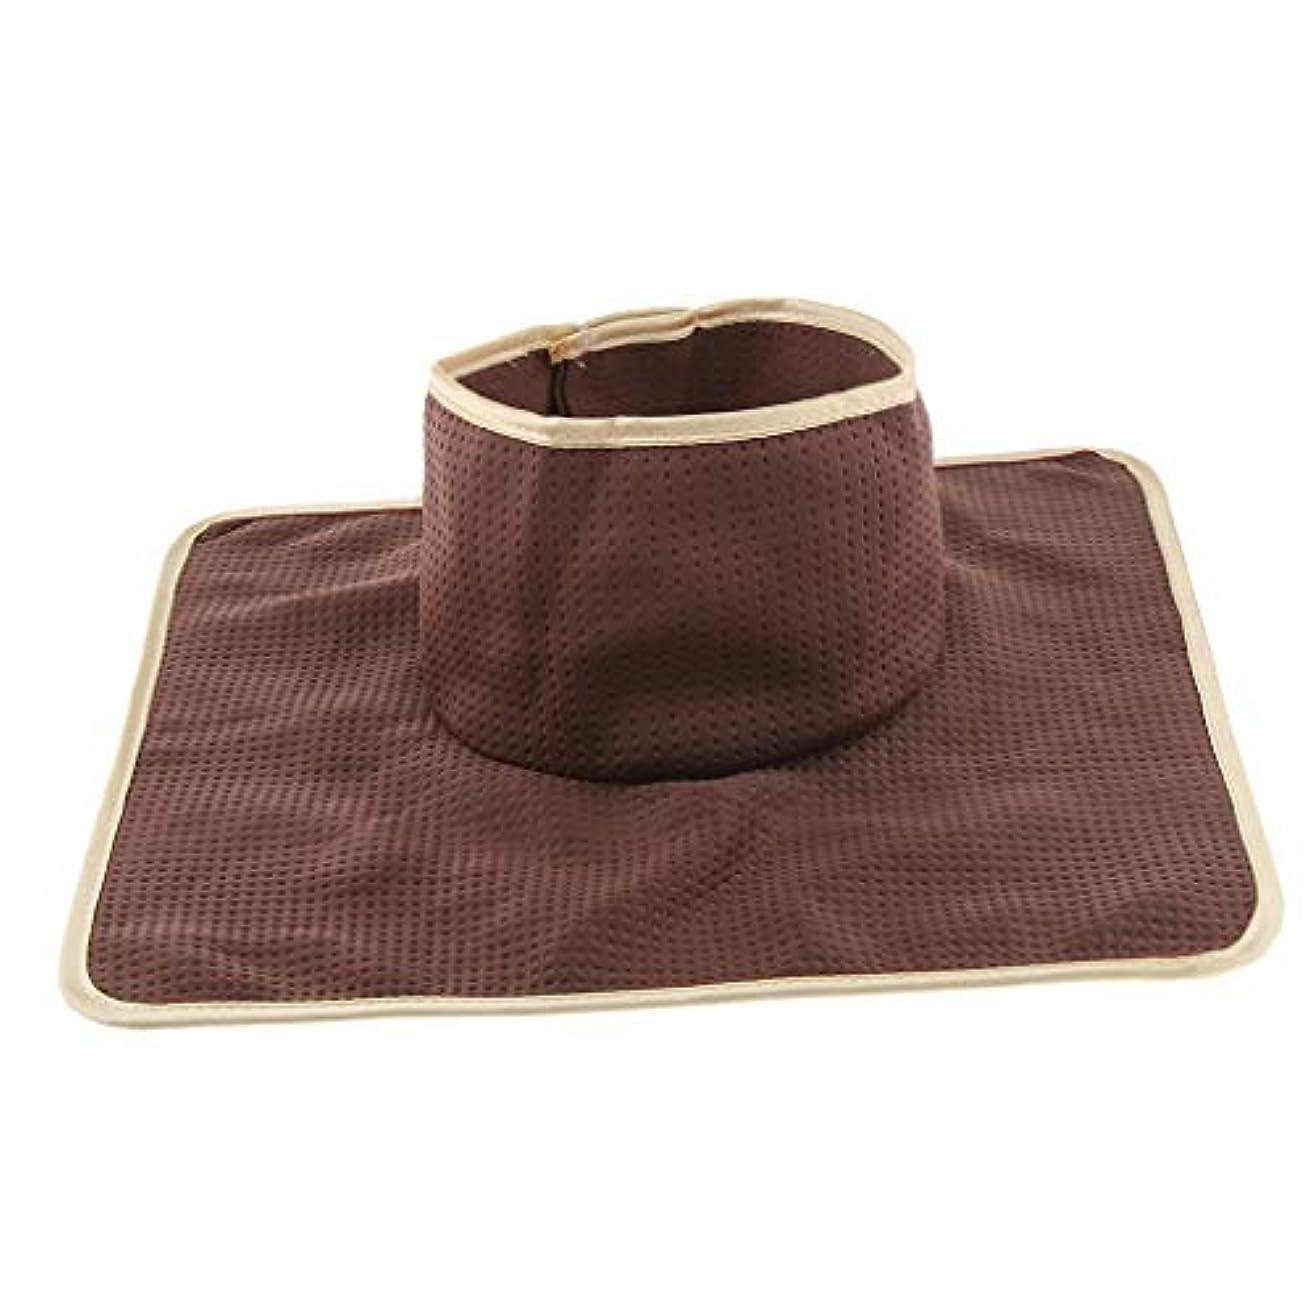 達成サスペンション配偶者FLAMEER マッサージベッド サロンテーブル シート パッド 頭の穴 洗濯可能 約35×35cm 全3色 - コーヒー